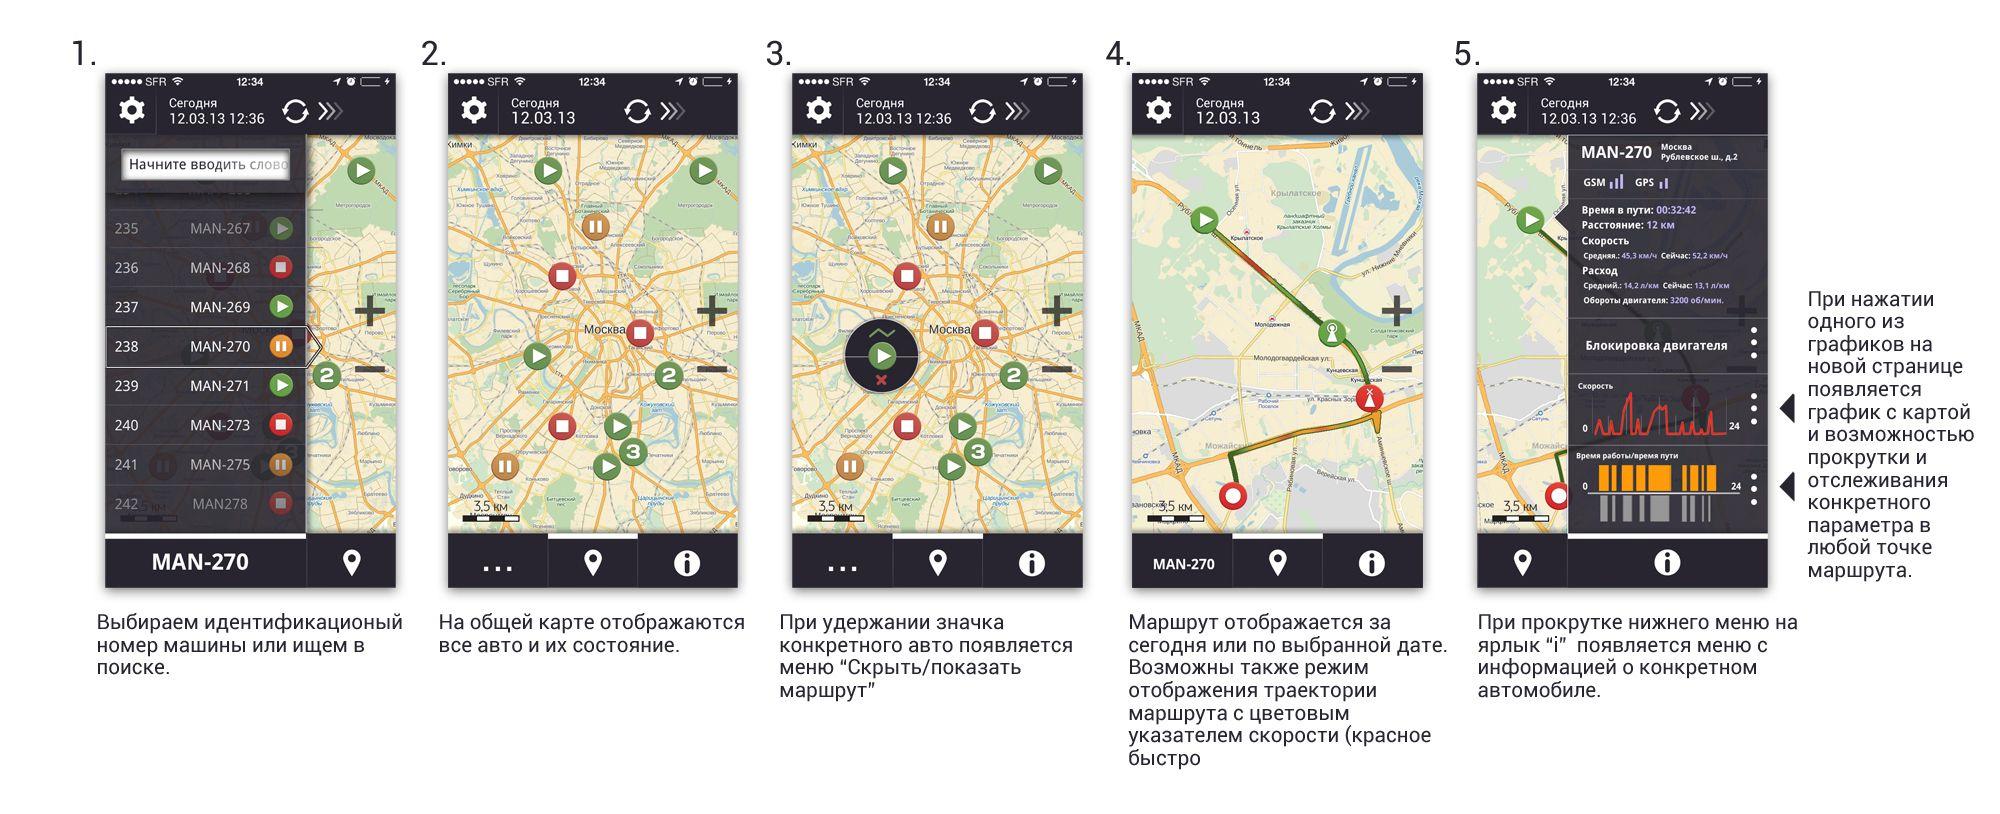 Дизайн мобильного приложения (объекты на карте) - дизайнер Peredvignik